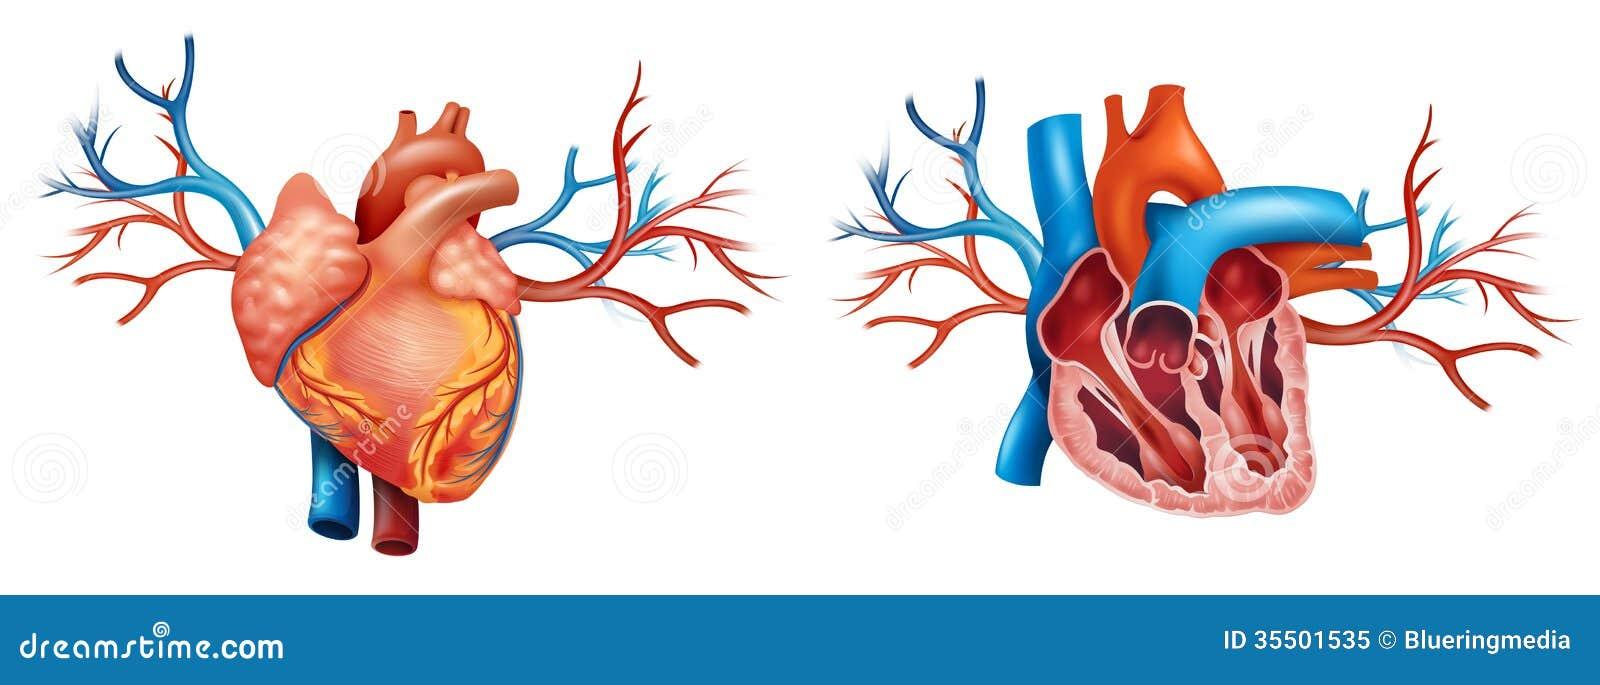 Großzügig Anatomie Des Herzens Und Der Blutgefäße Bilder ...